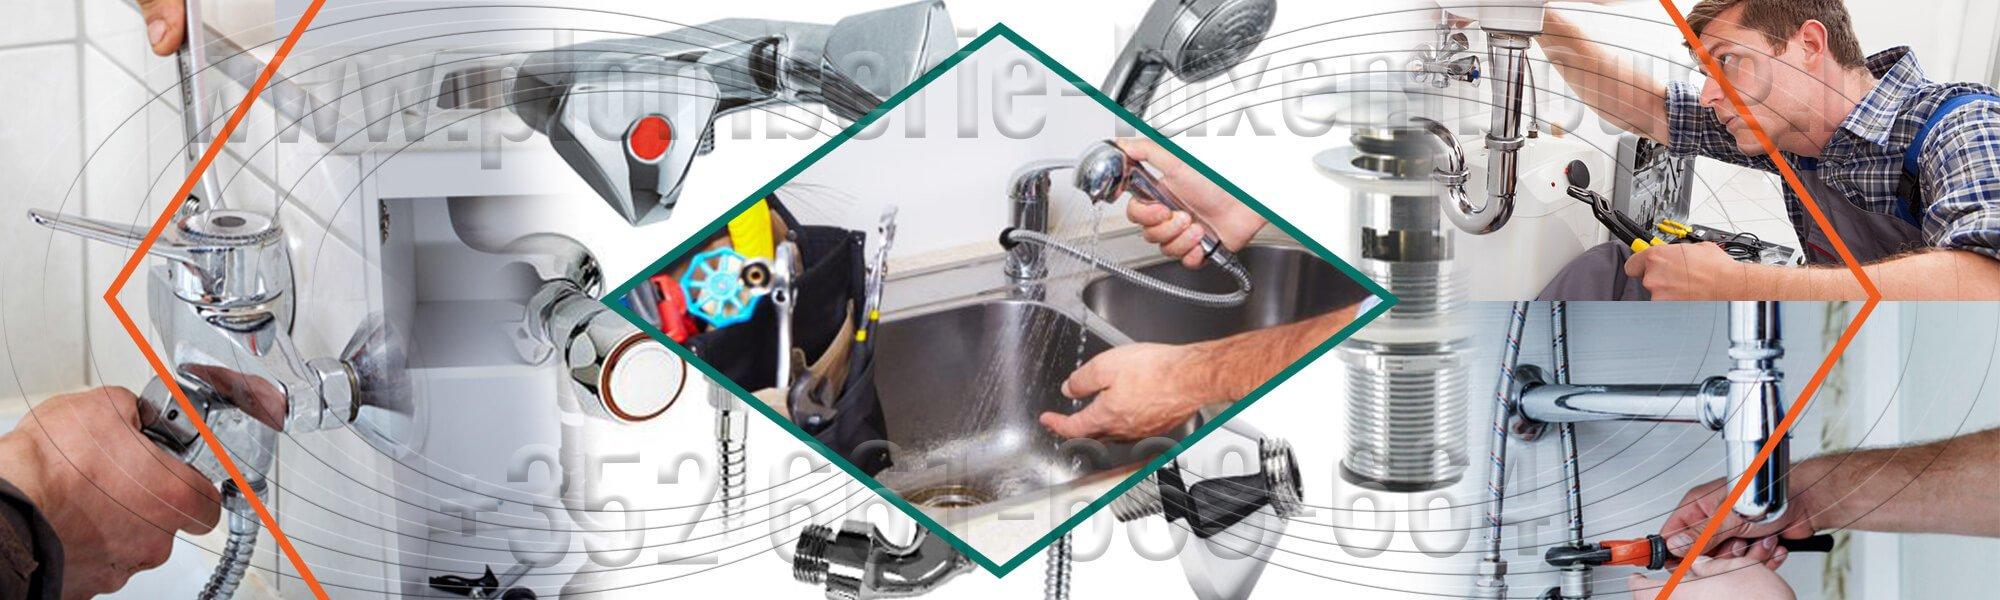 Dépannage plomberie Sanitaire